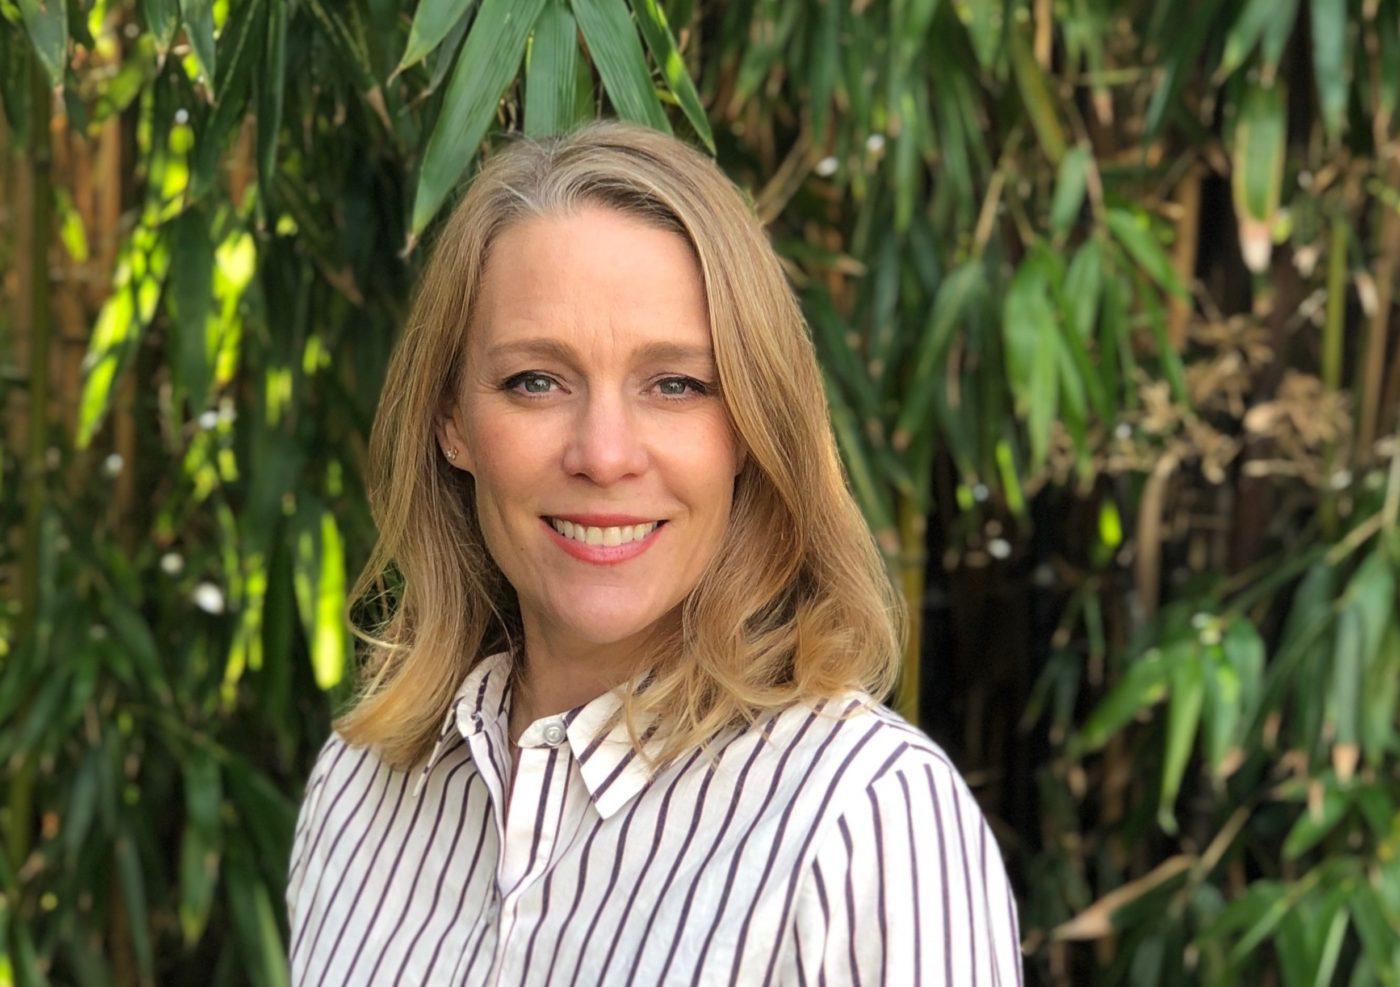 Erin McDermit